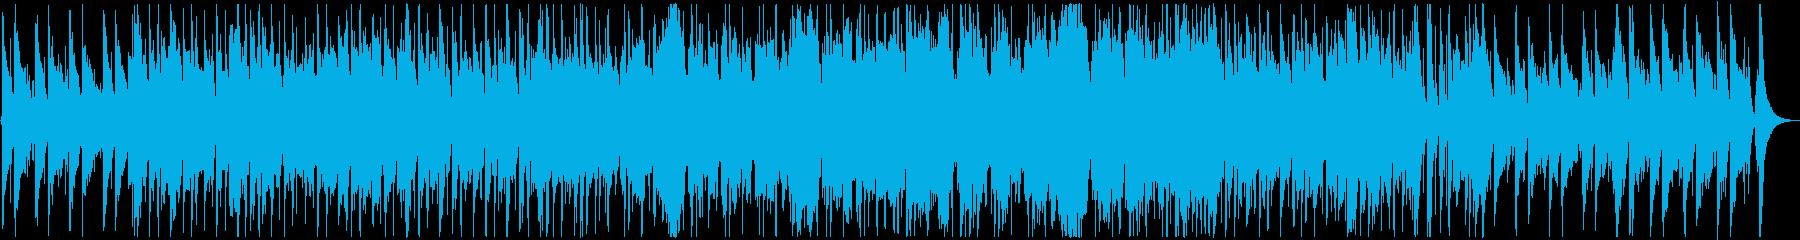 ニュース映像に合うオーケストラの再生済みの波形